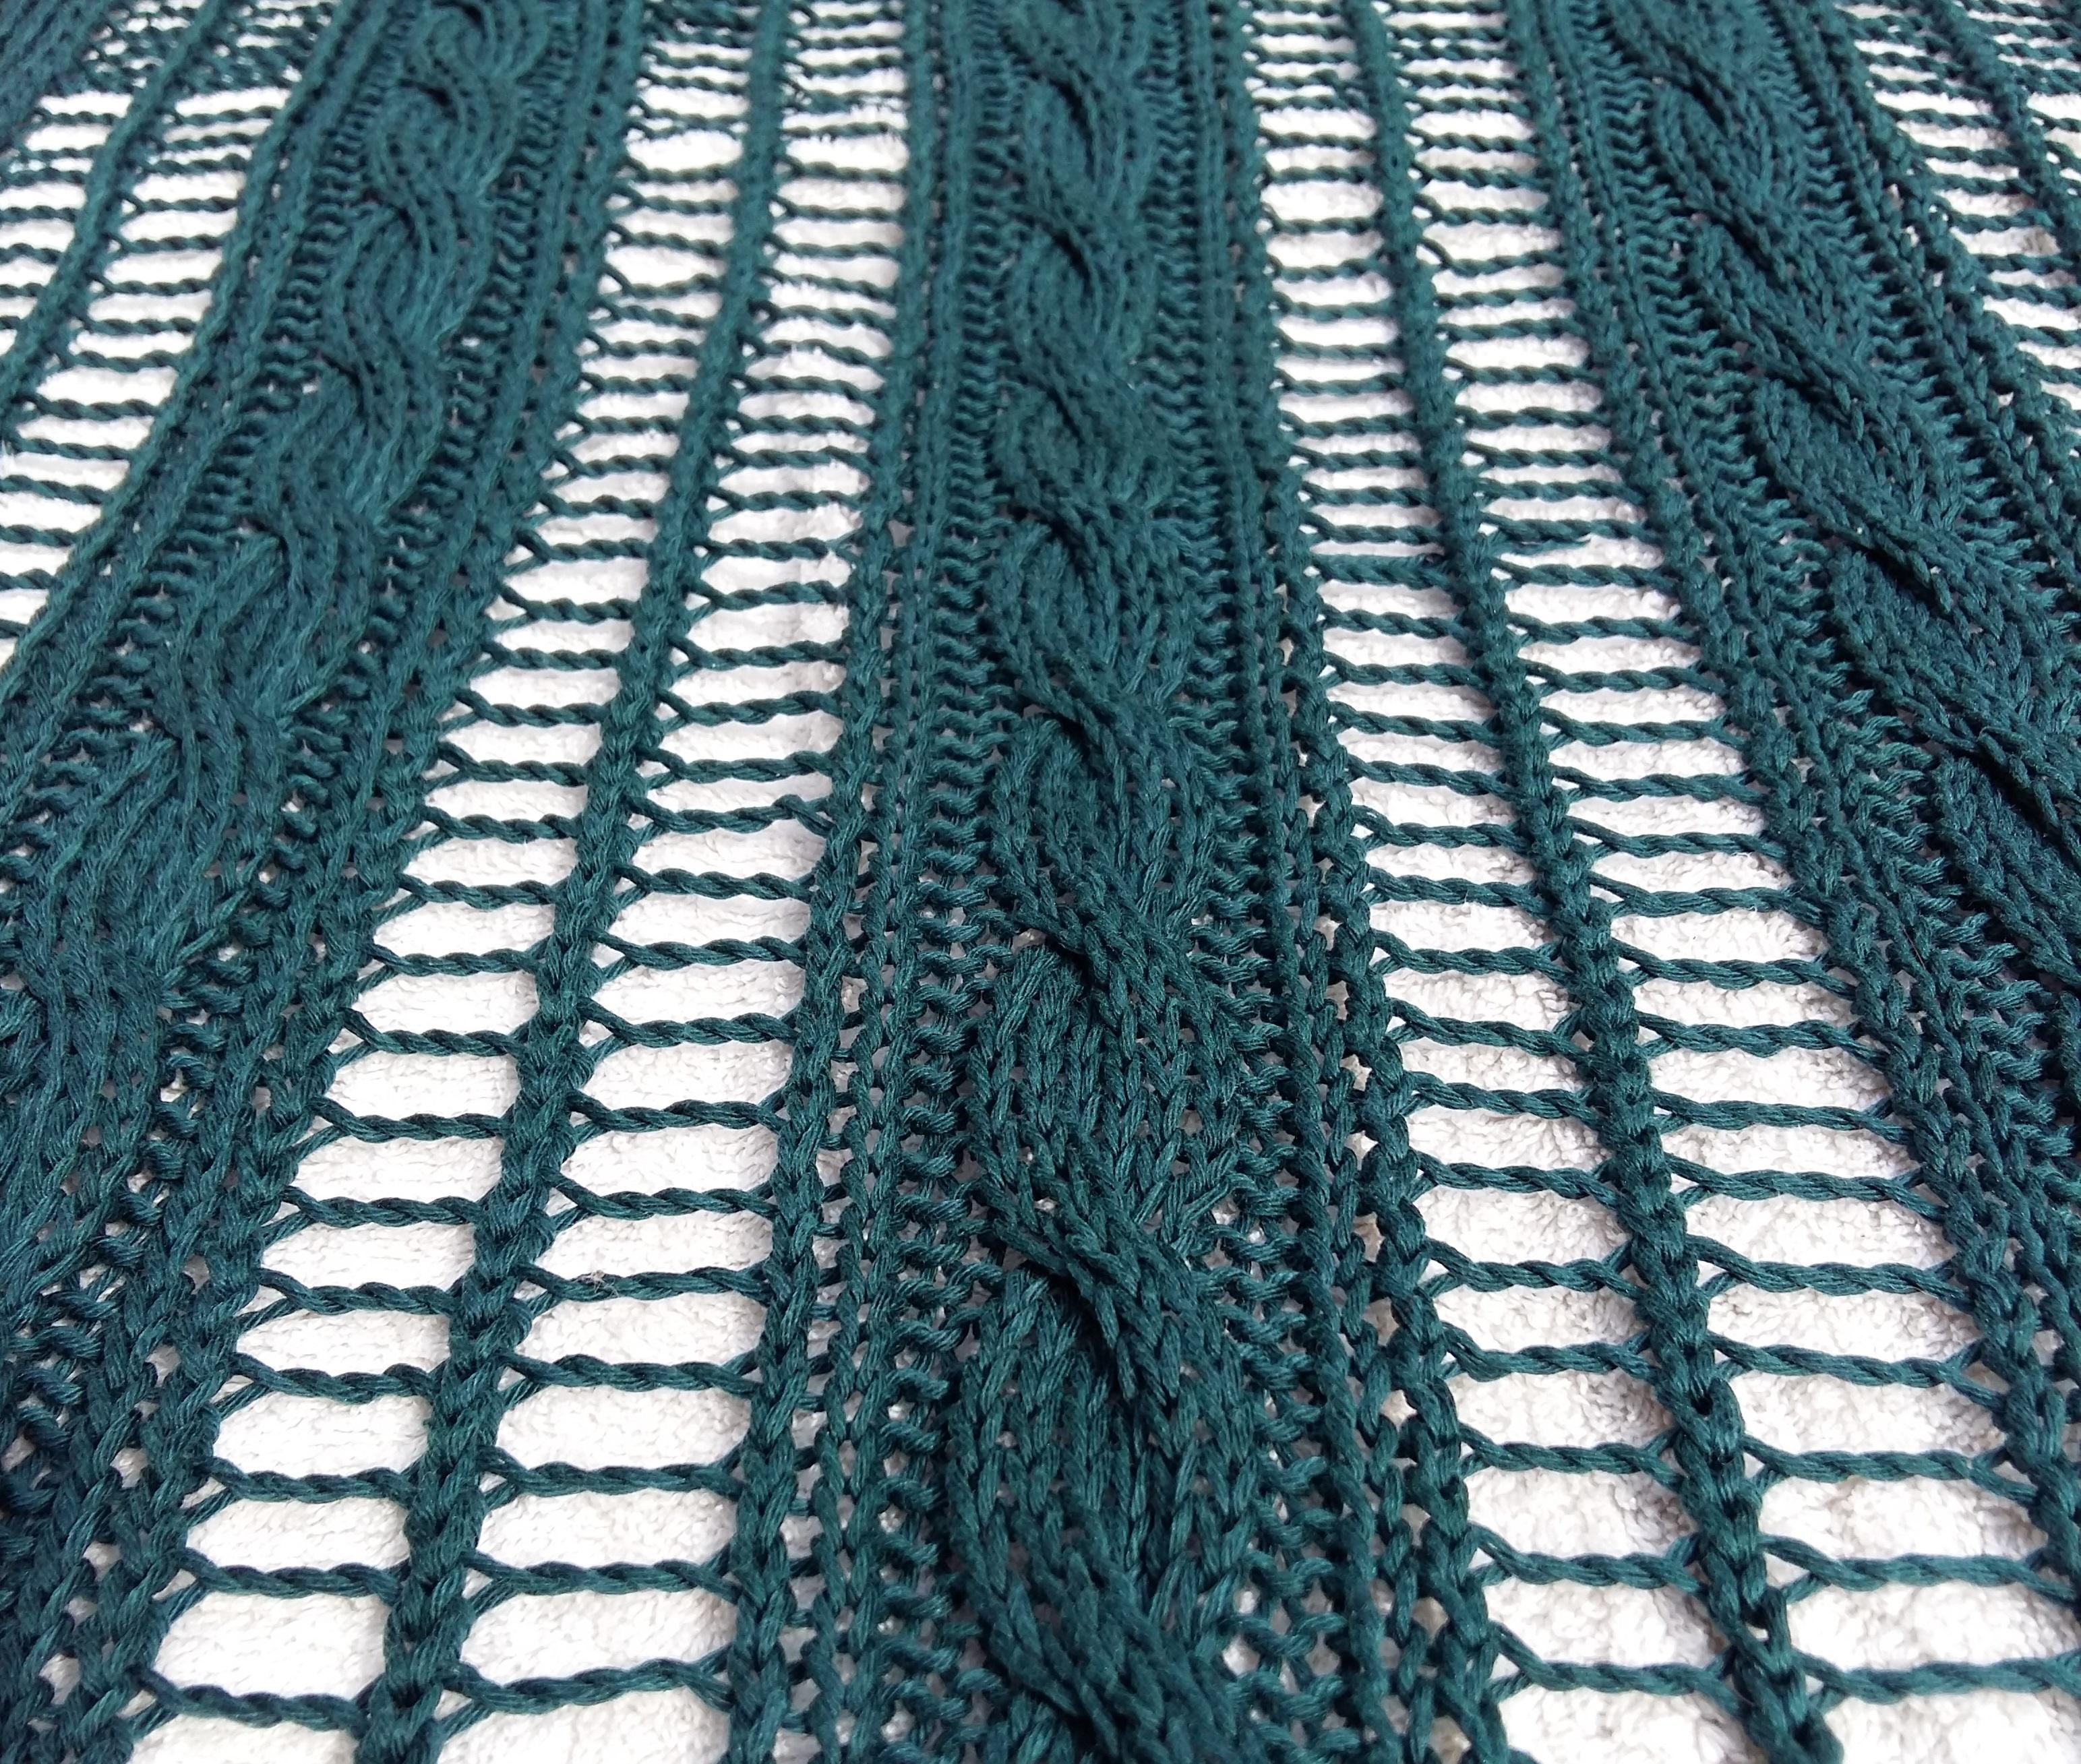 Kötélhágcsó minta csavart mintával kombuinálva